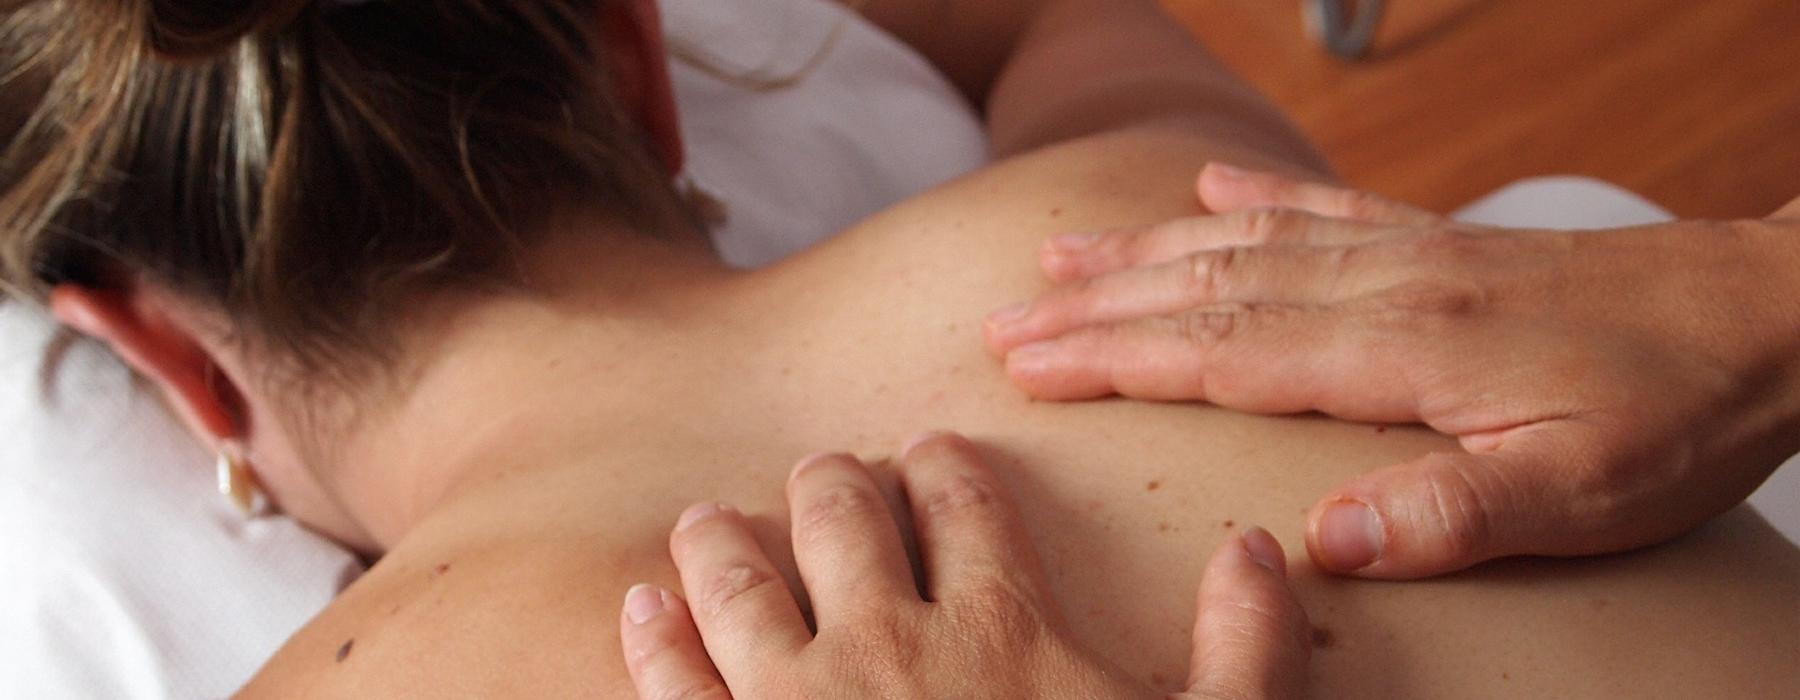 massaggi-terme-riccione